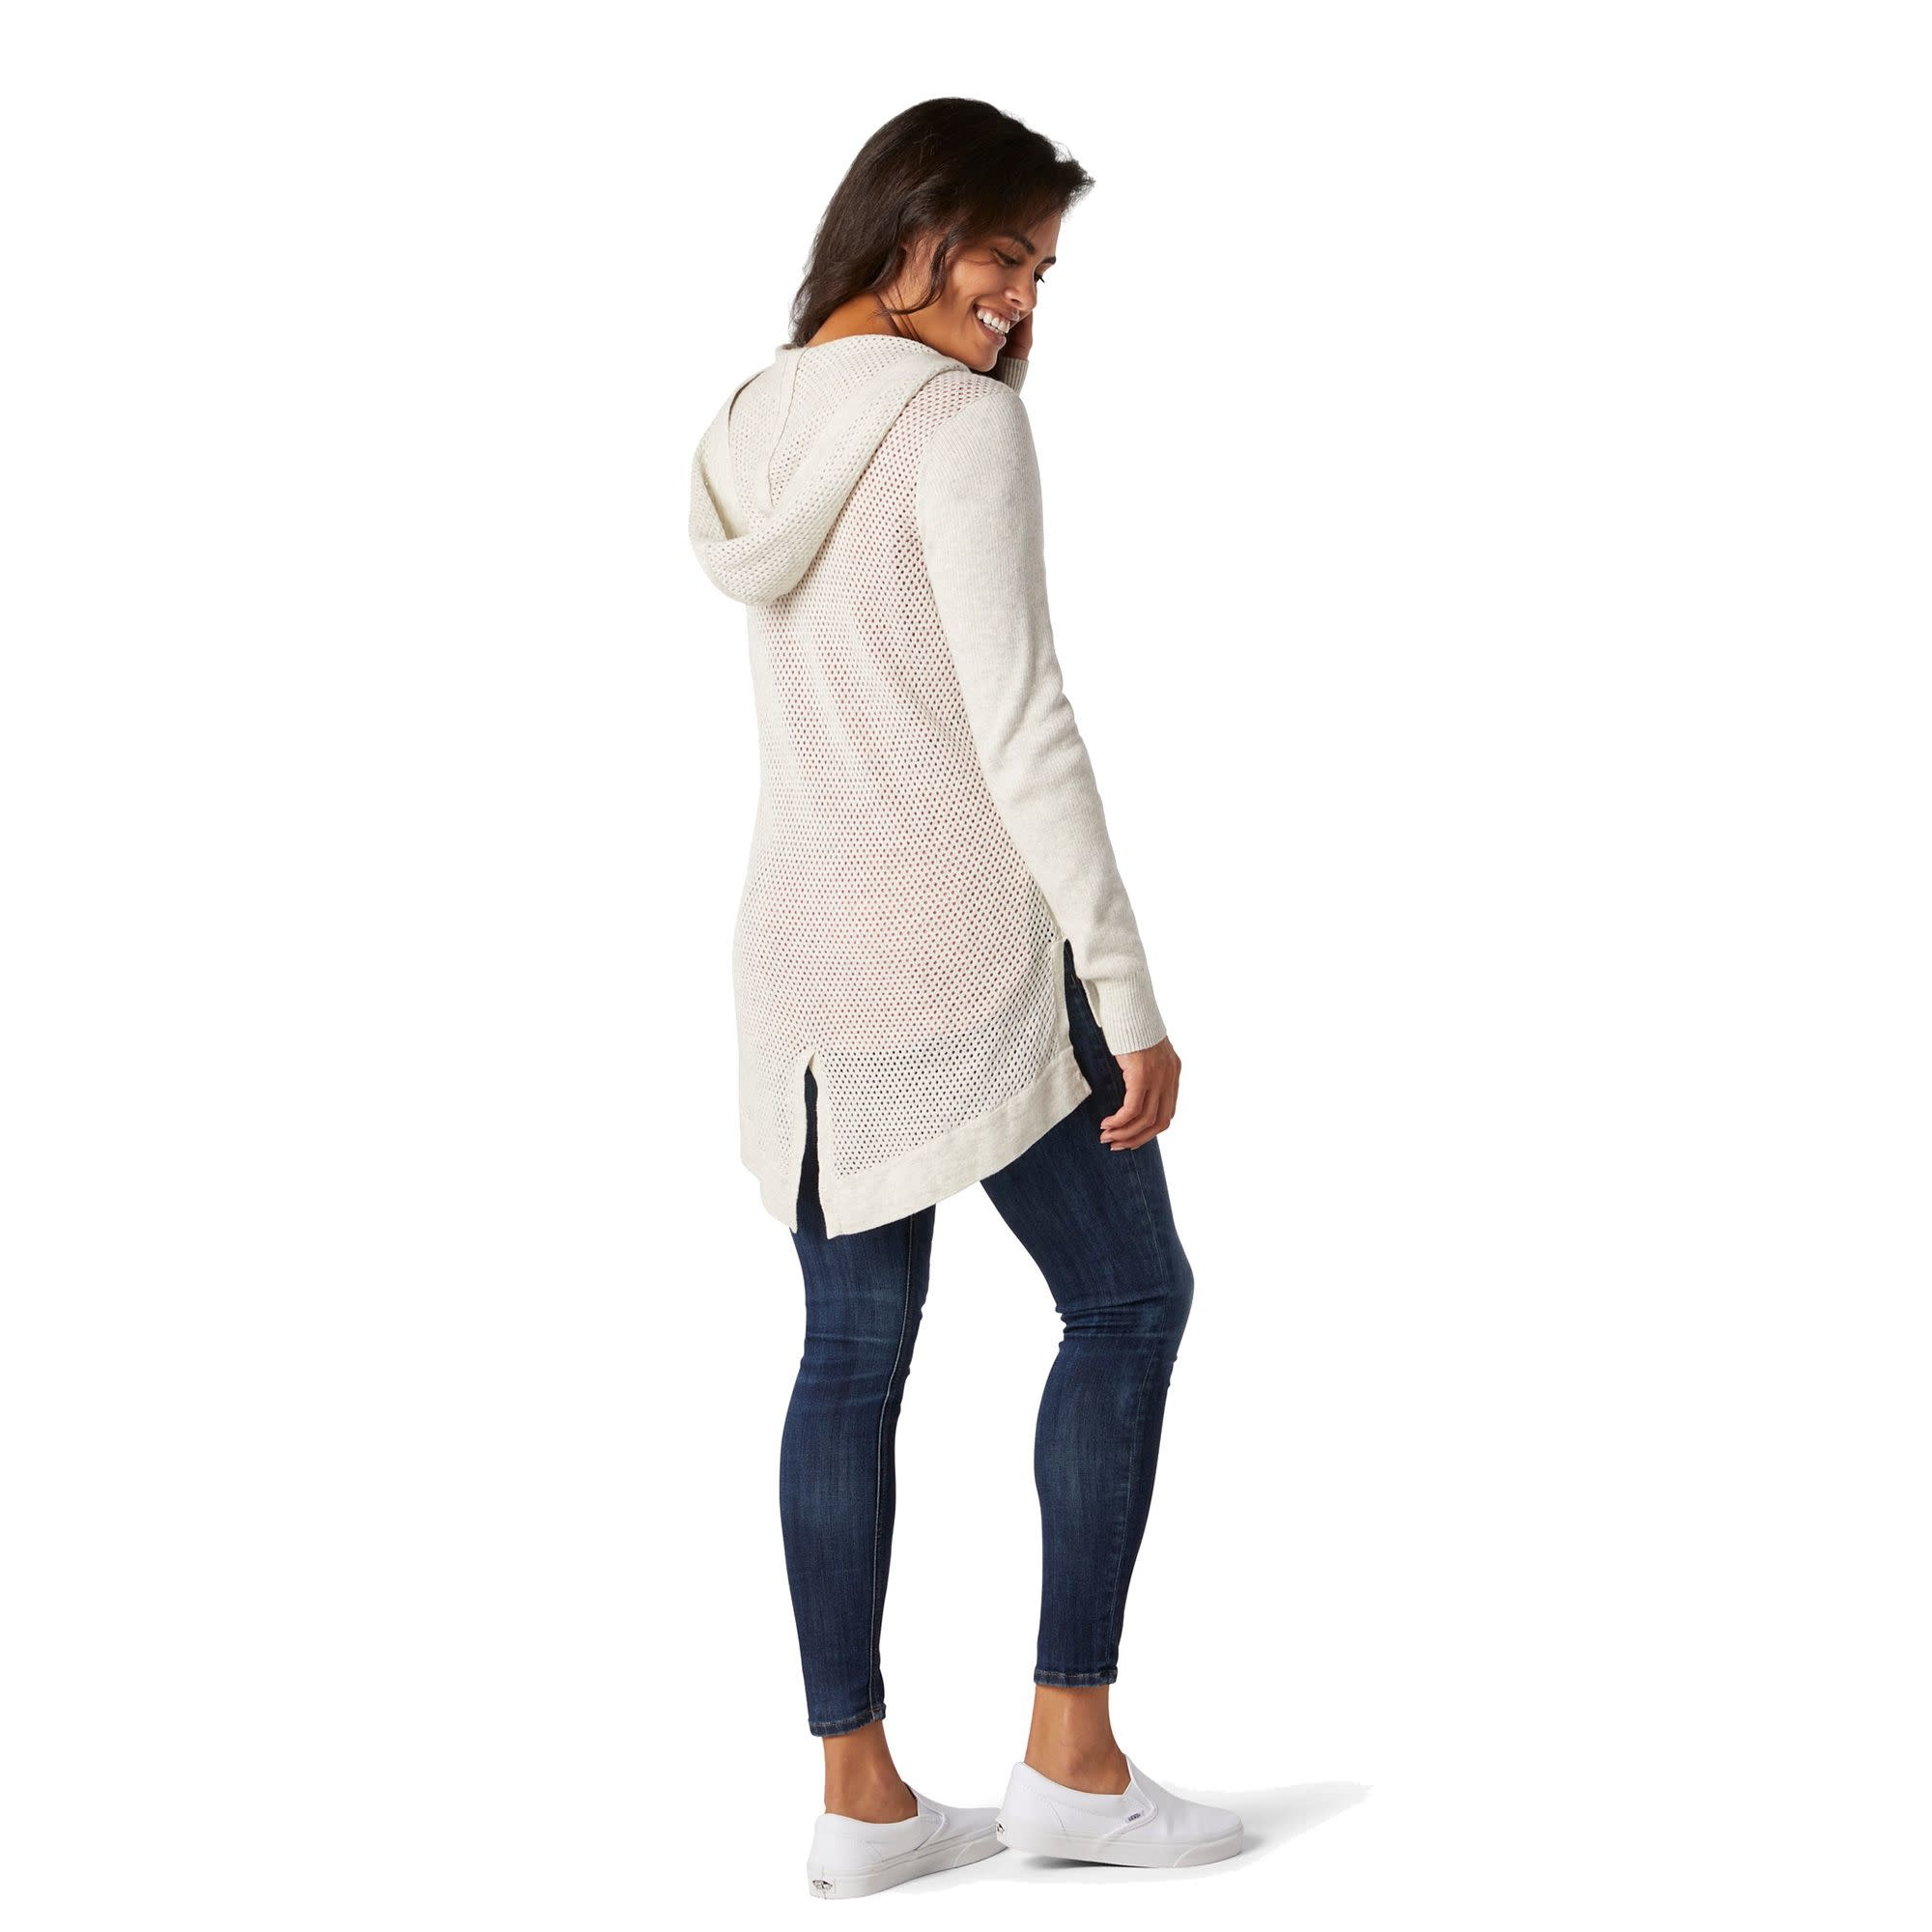 Everyday Exploration Sweater Jacket - Ash